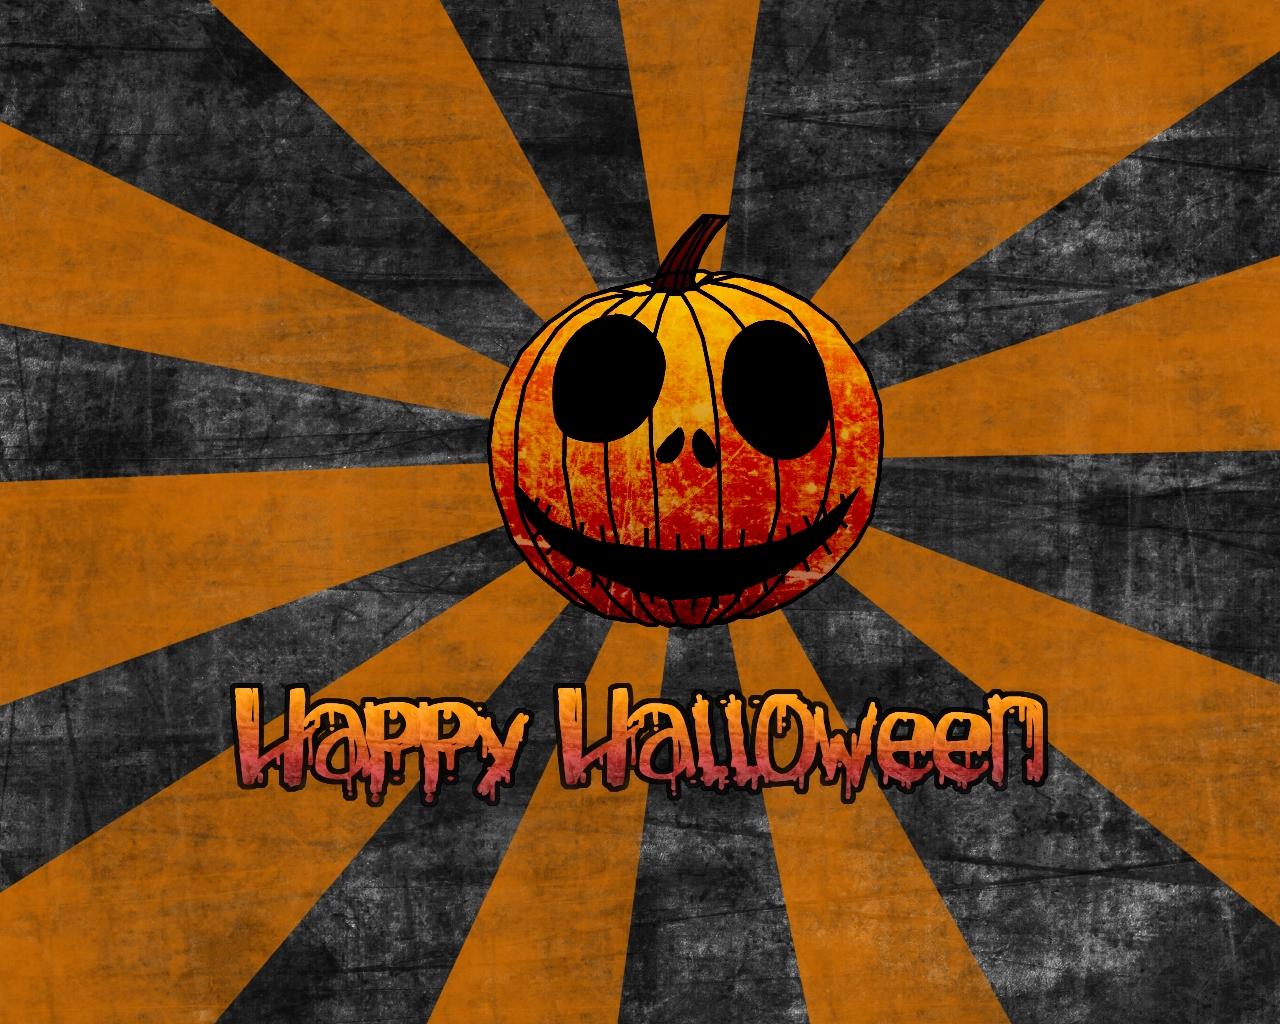 Happy Halloween Wallpapers: Funny Halloween Wallpapers